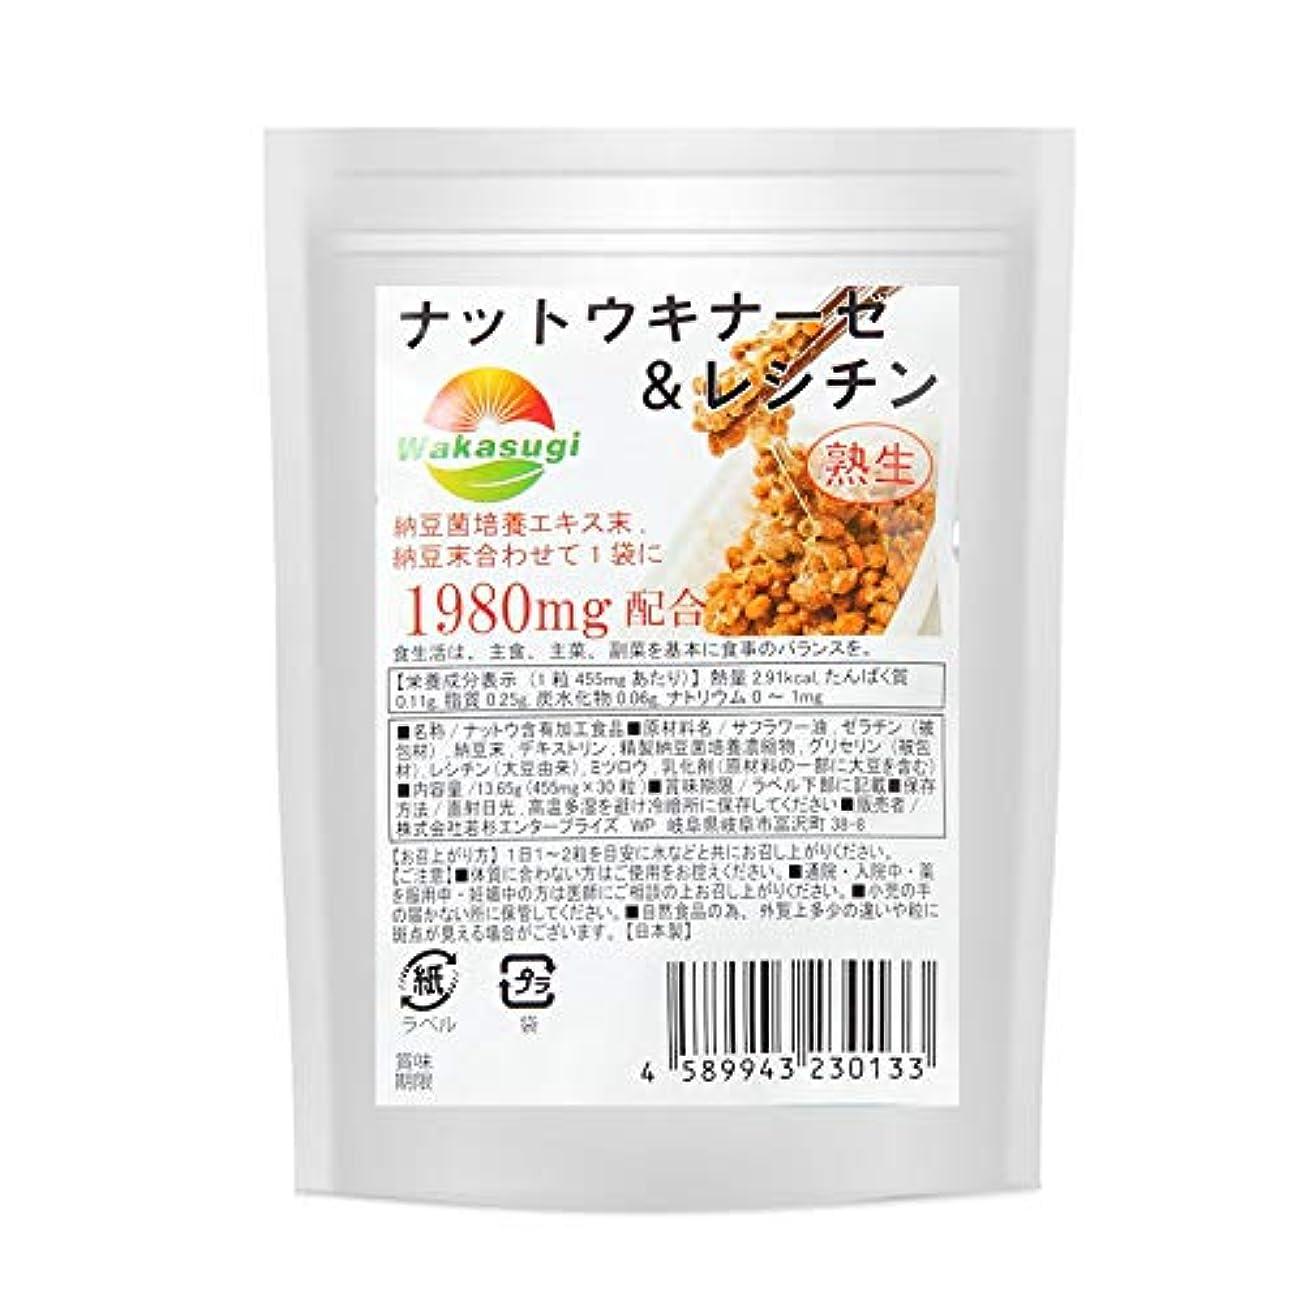 音楽家ジョージバーナードやめる超熟 納豆サプリメント 30粒 生ナットウキナーゼ&レシチン ソフトカプセルタイプ